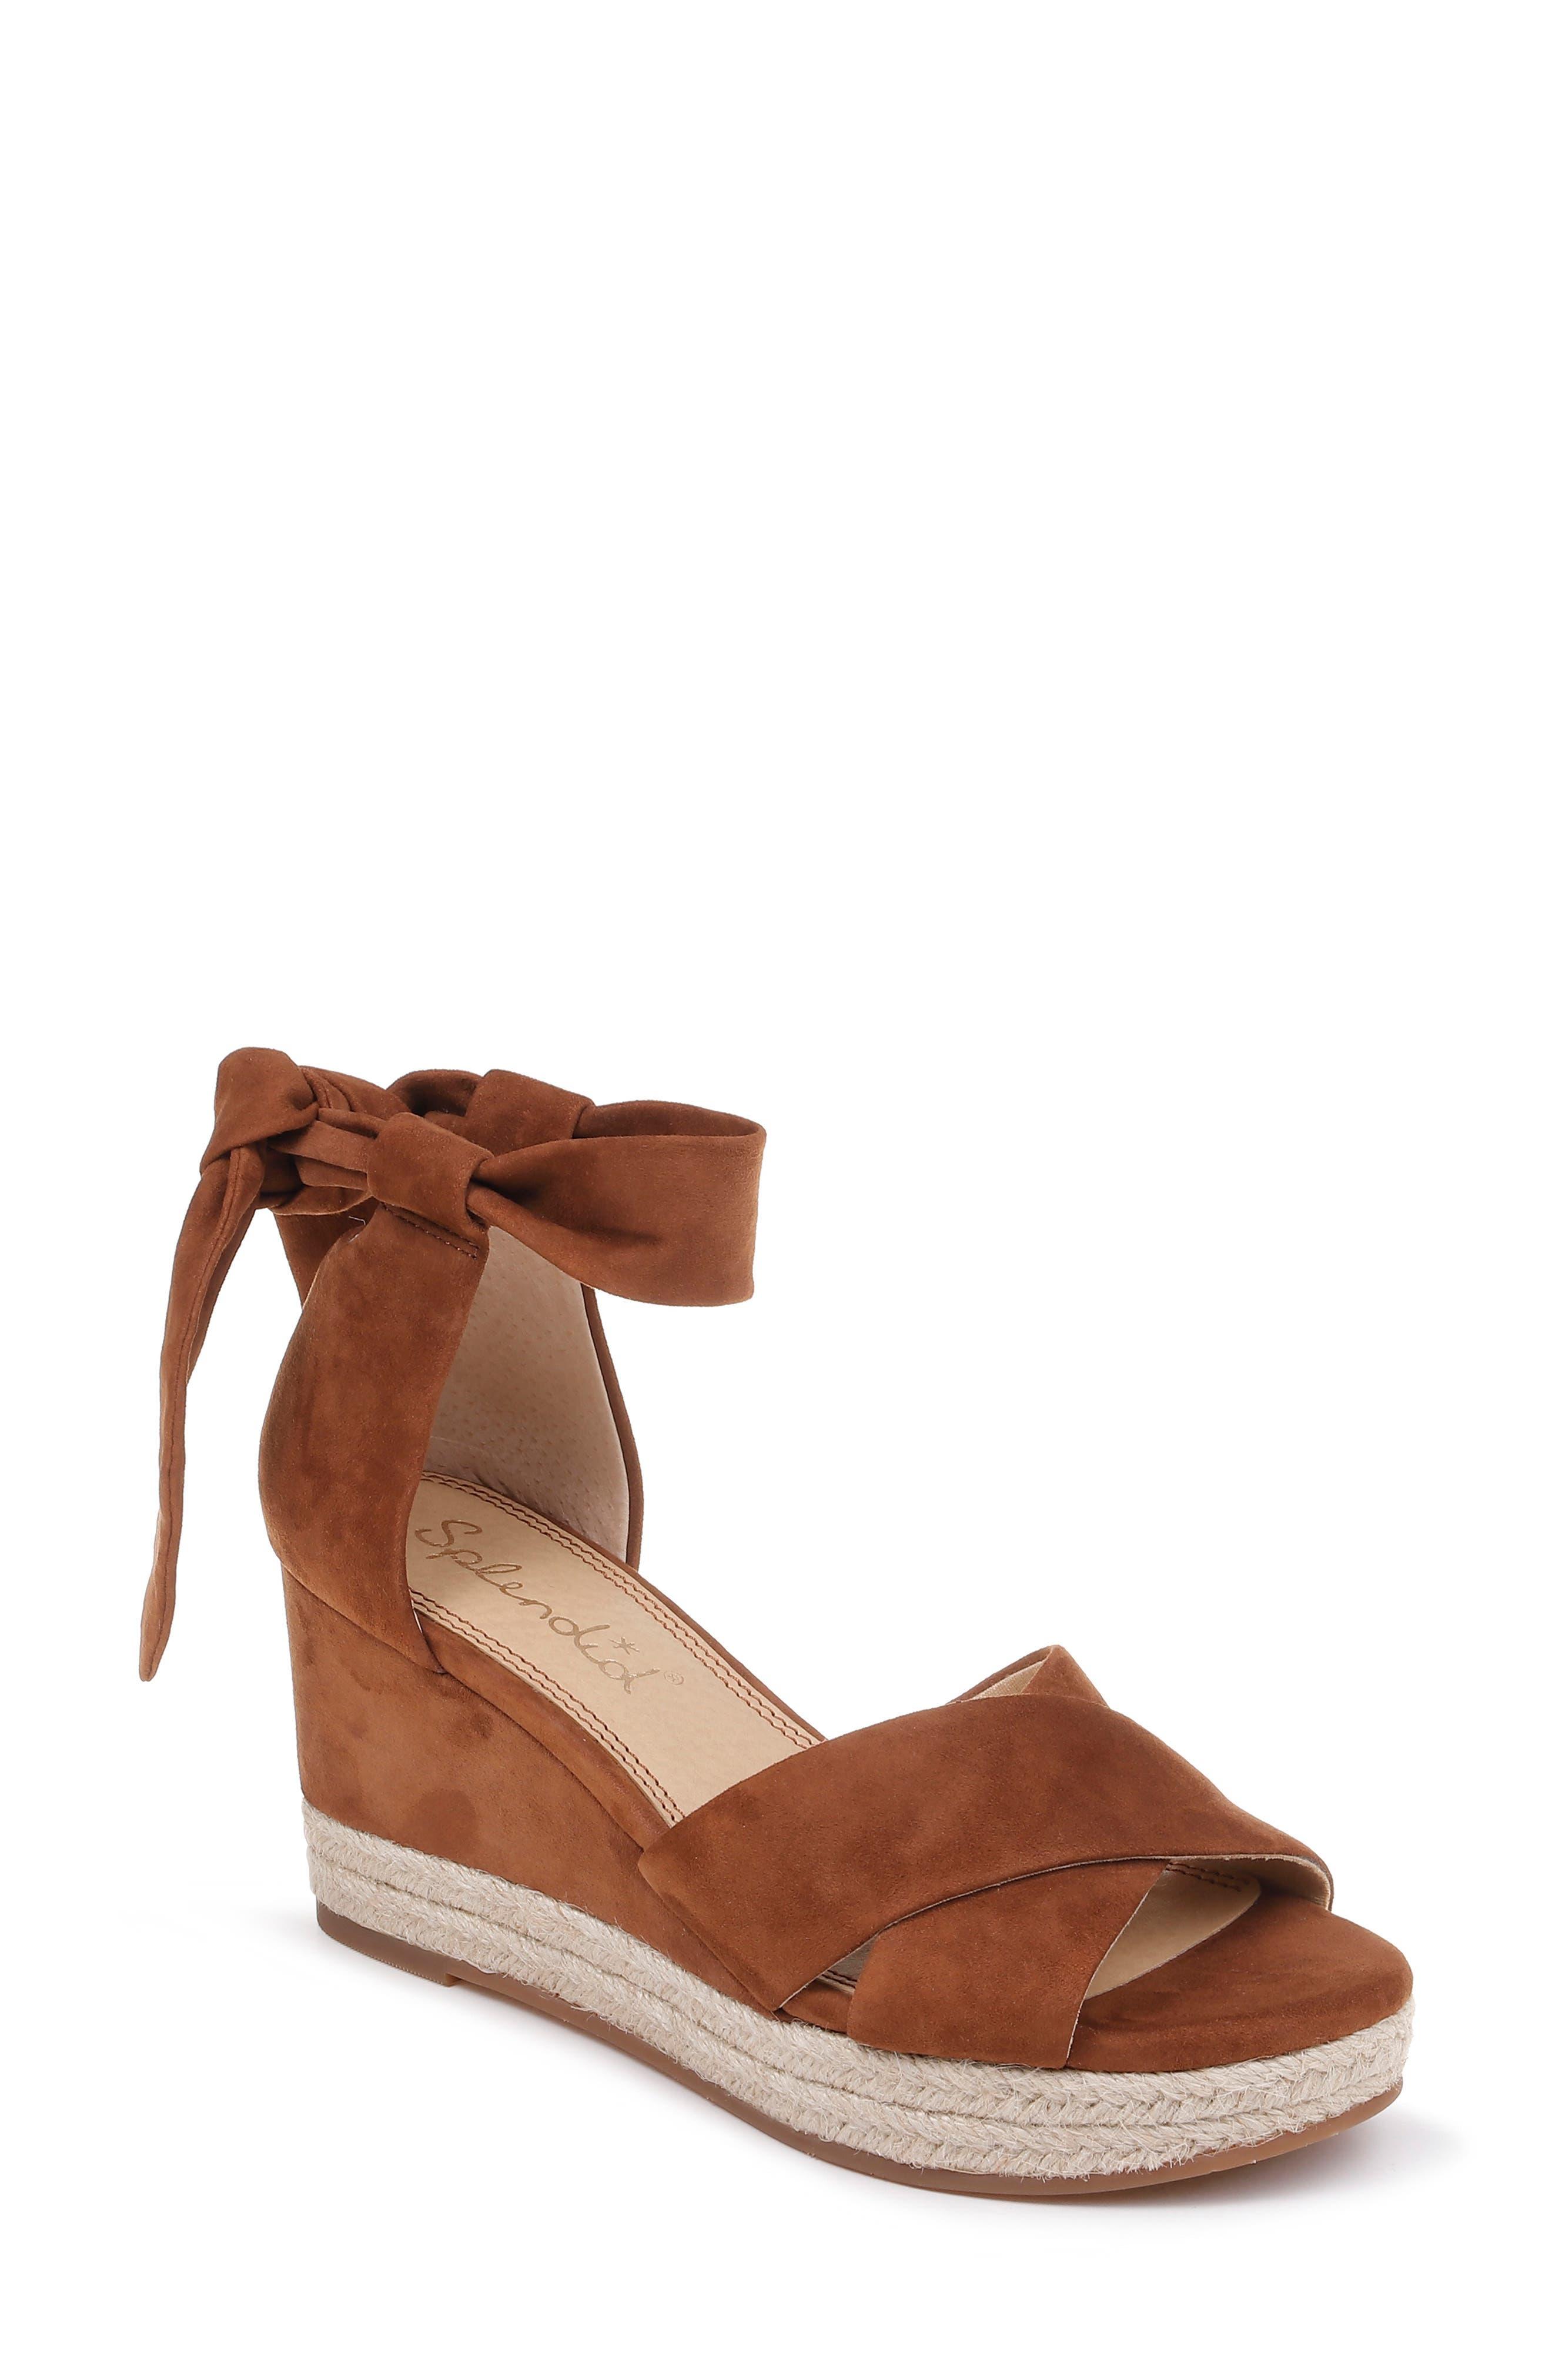 Splendid Terrence Ankle Wrap Wedge Sandal- Brown